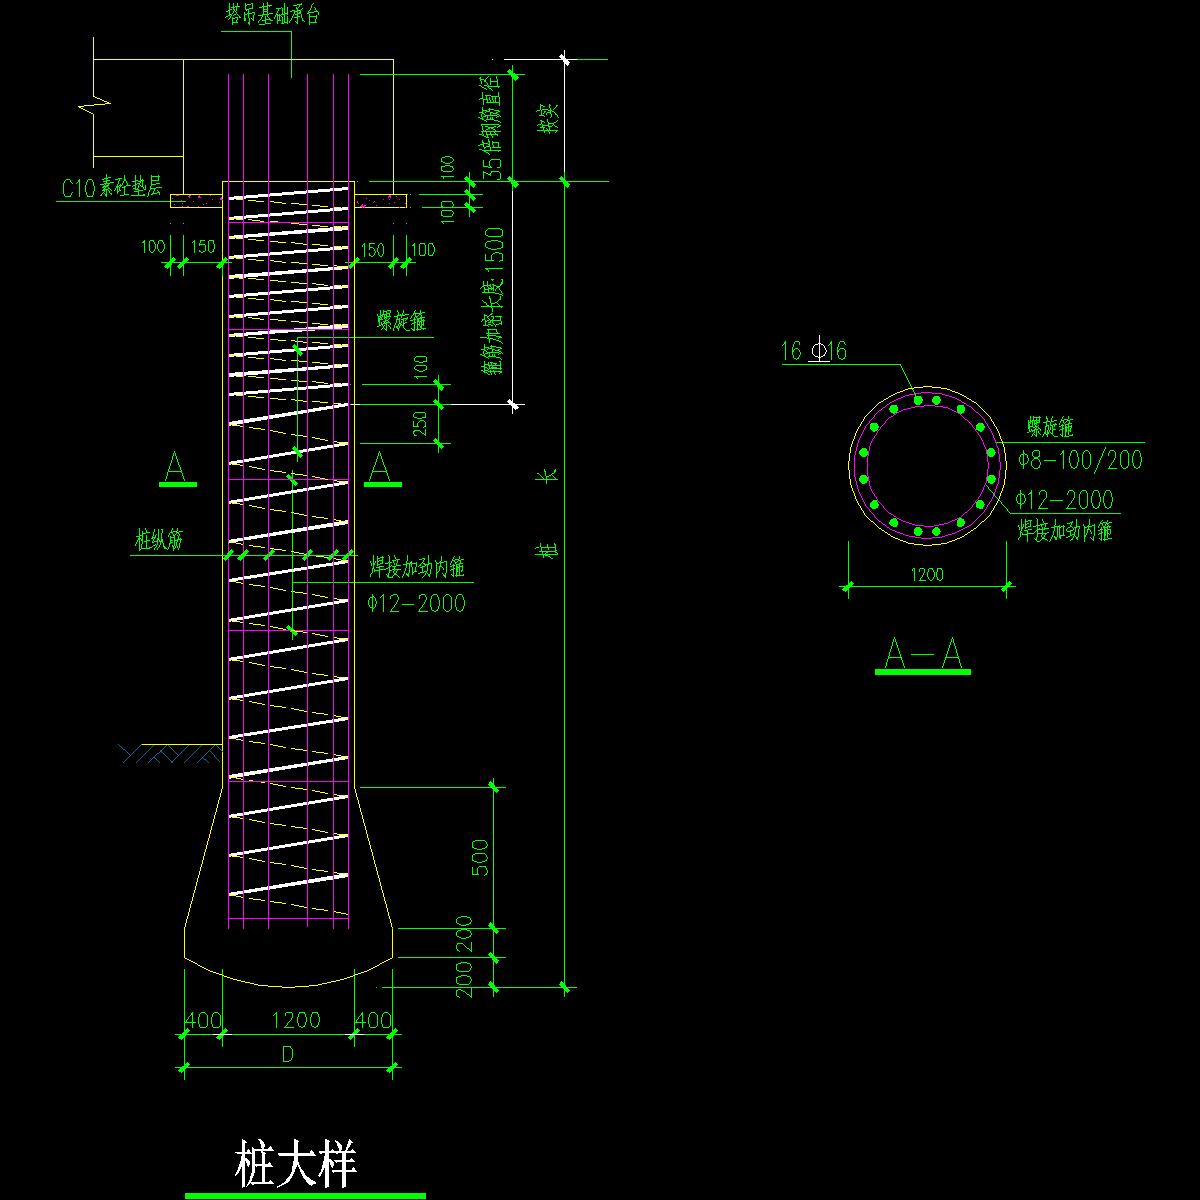 塔吊基础人工挖孔桩图.dwg